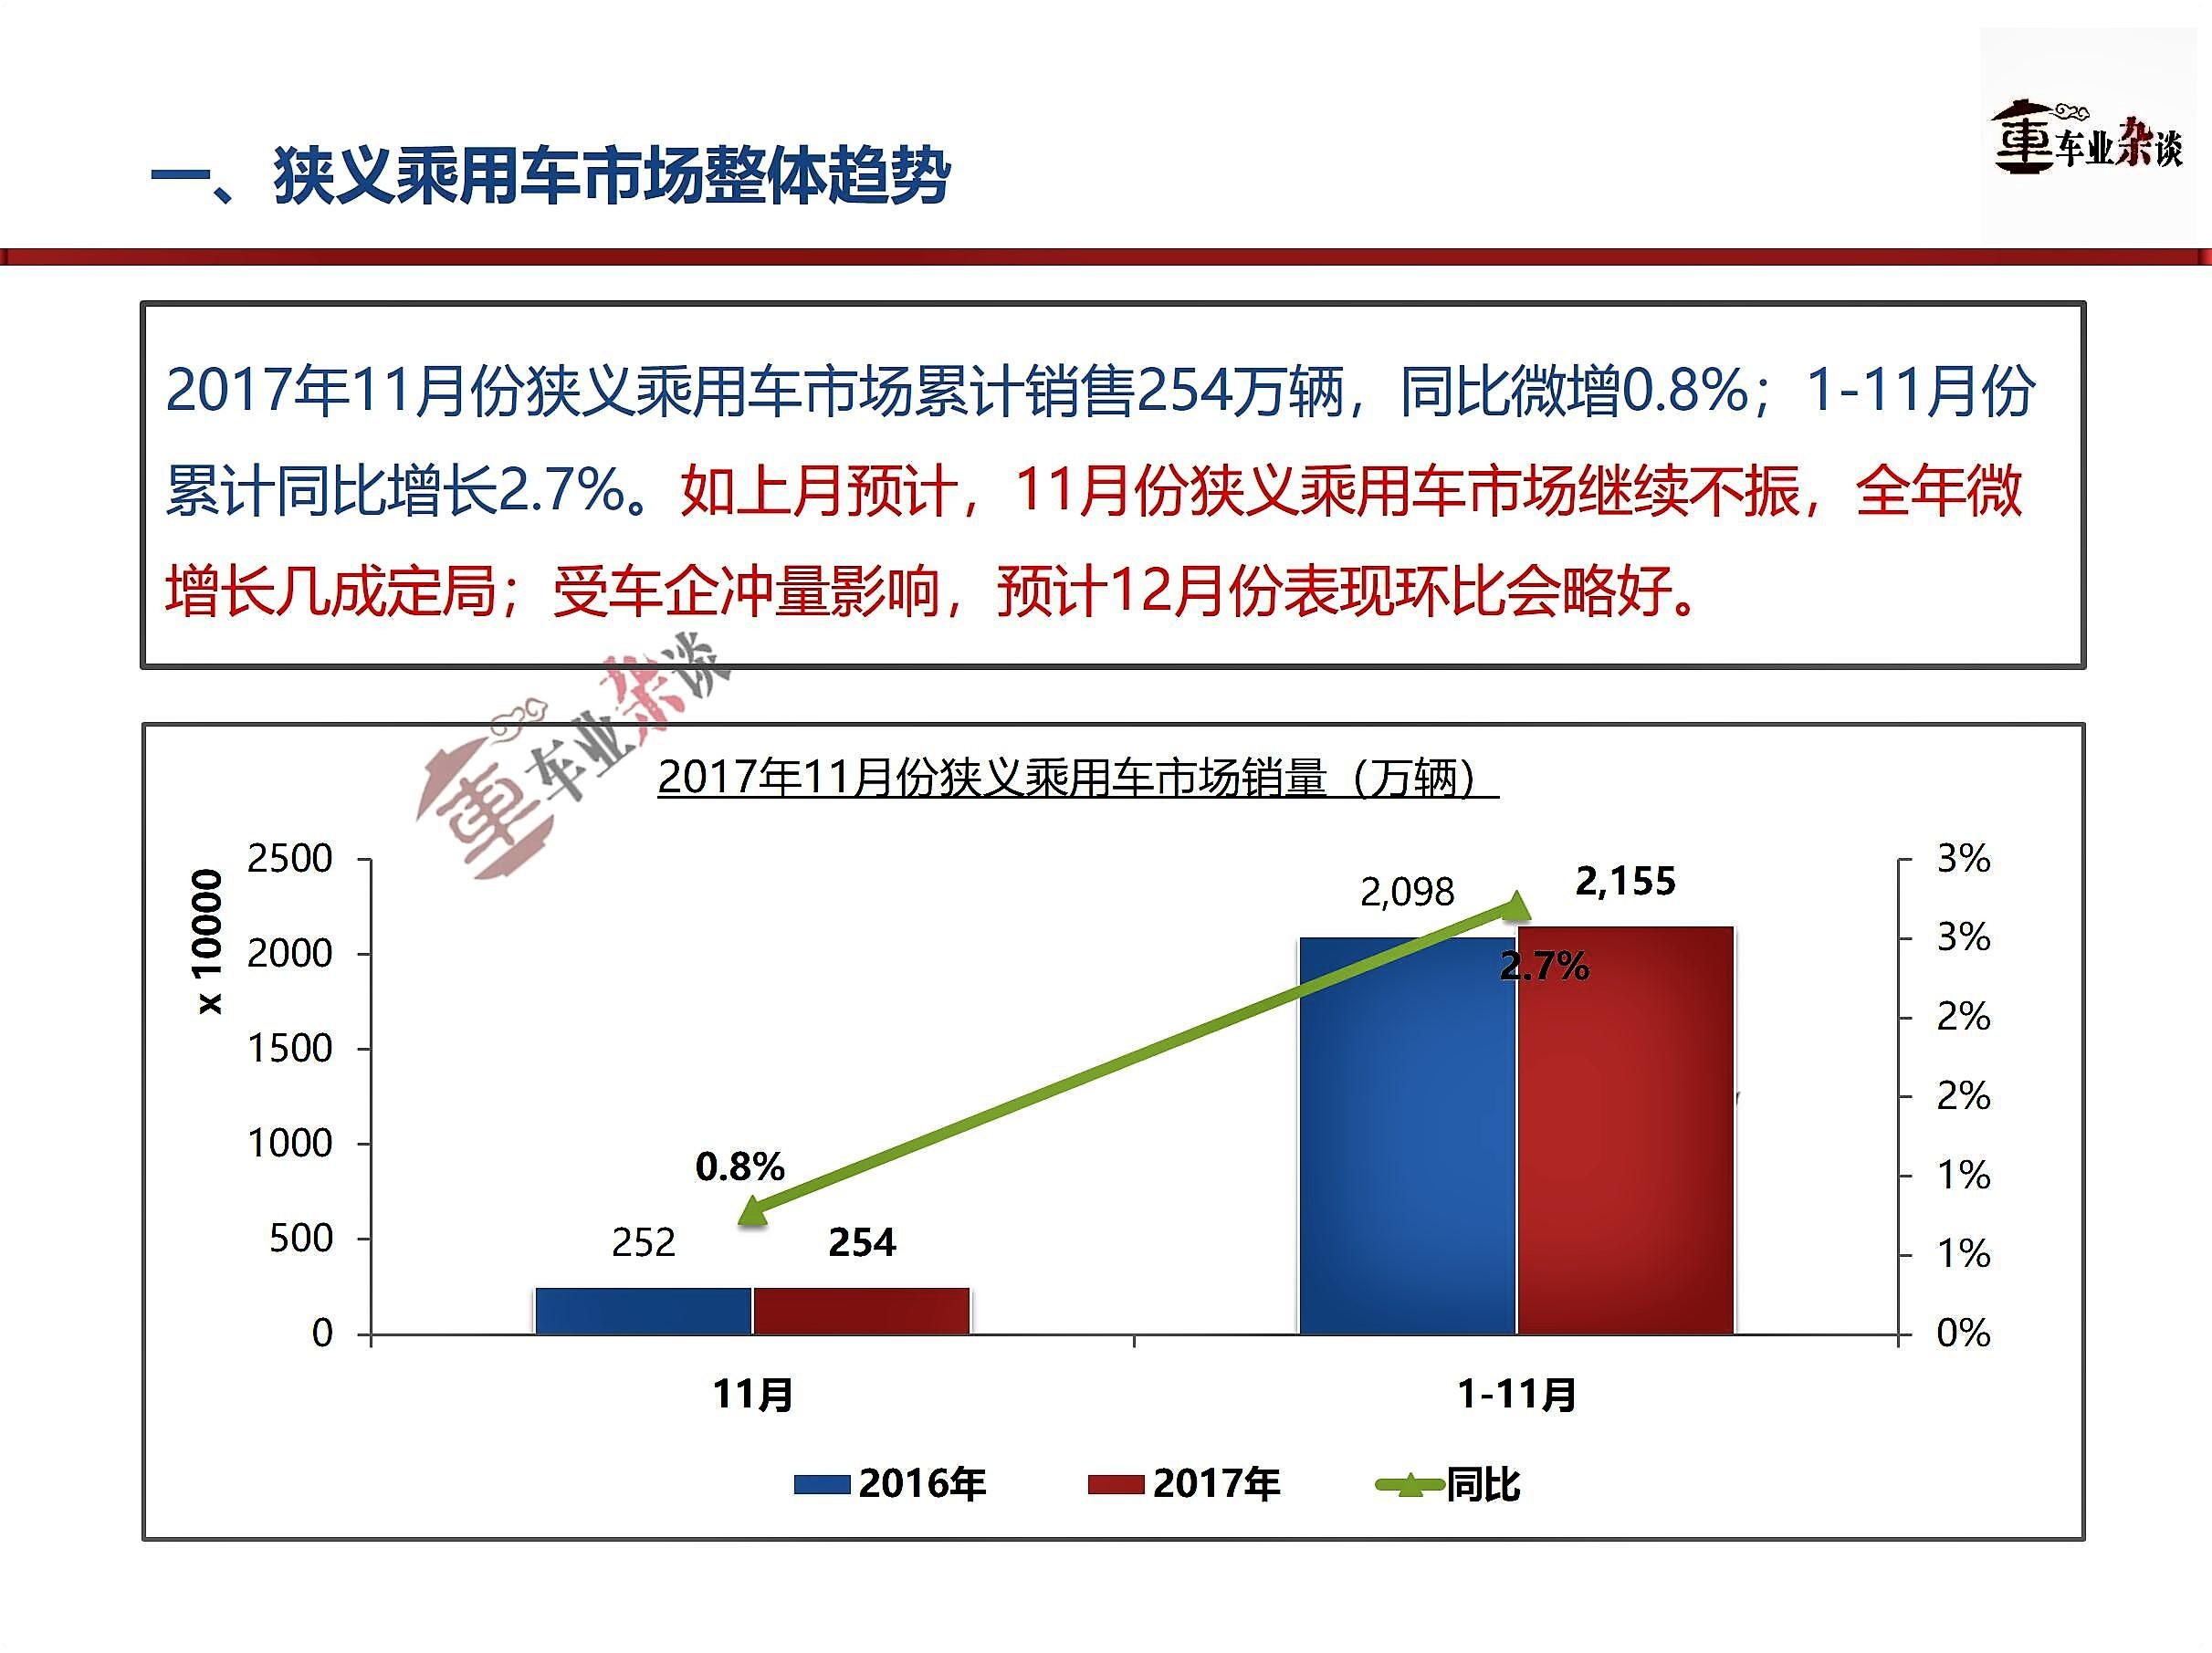 11月份狭义乘用车市场持续不振,全年微增长几成定局 - 周磊 - 周磊